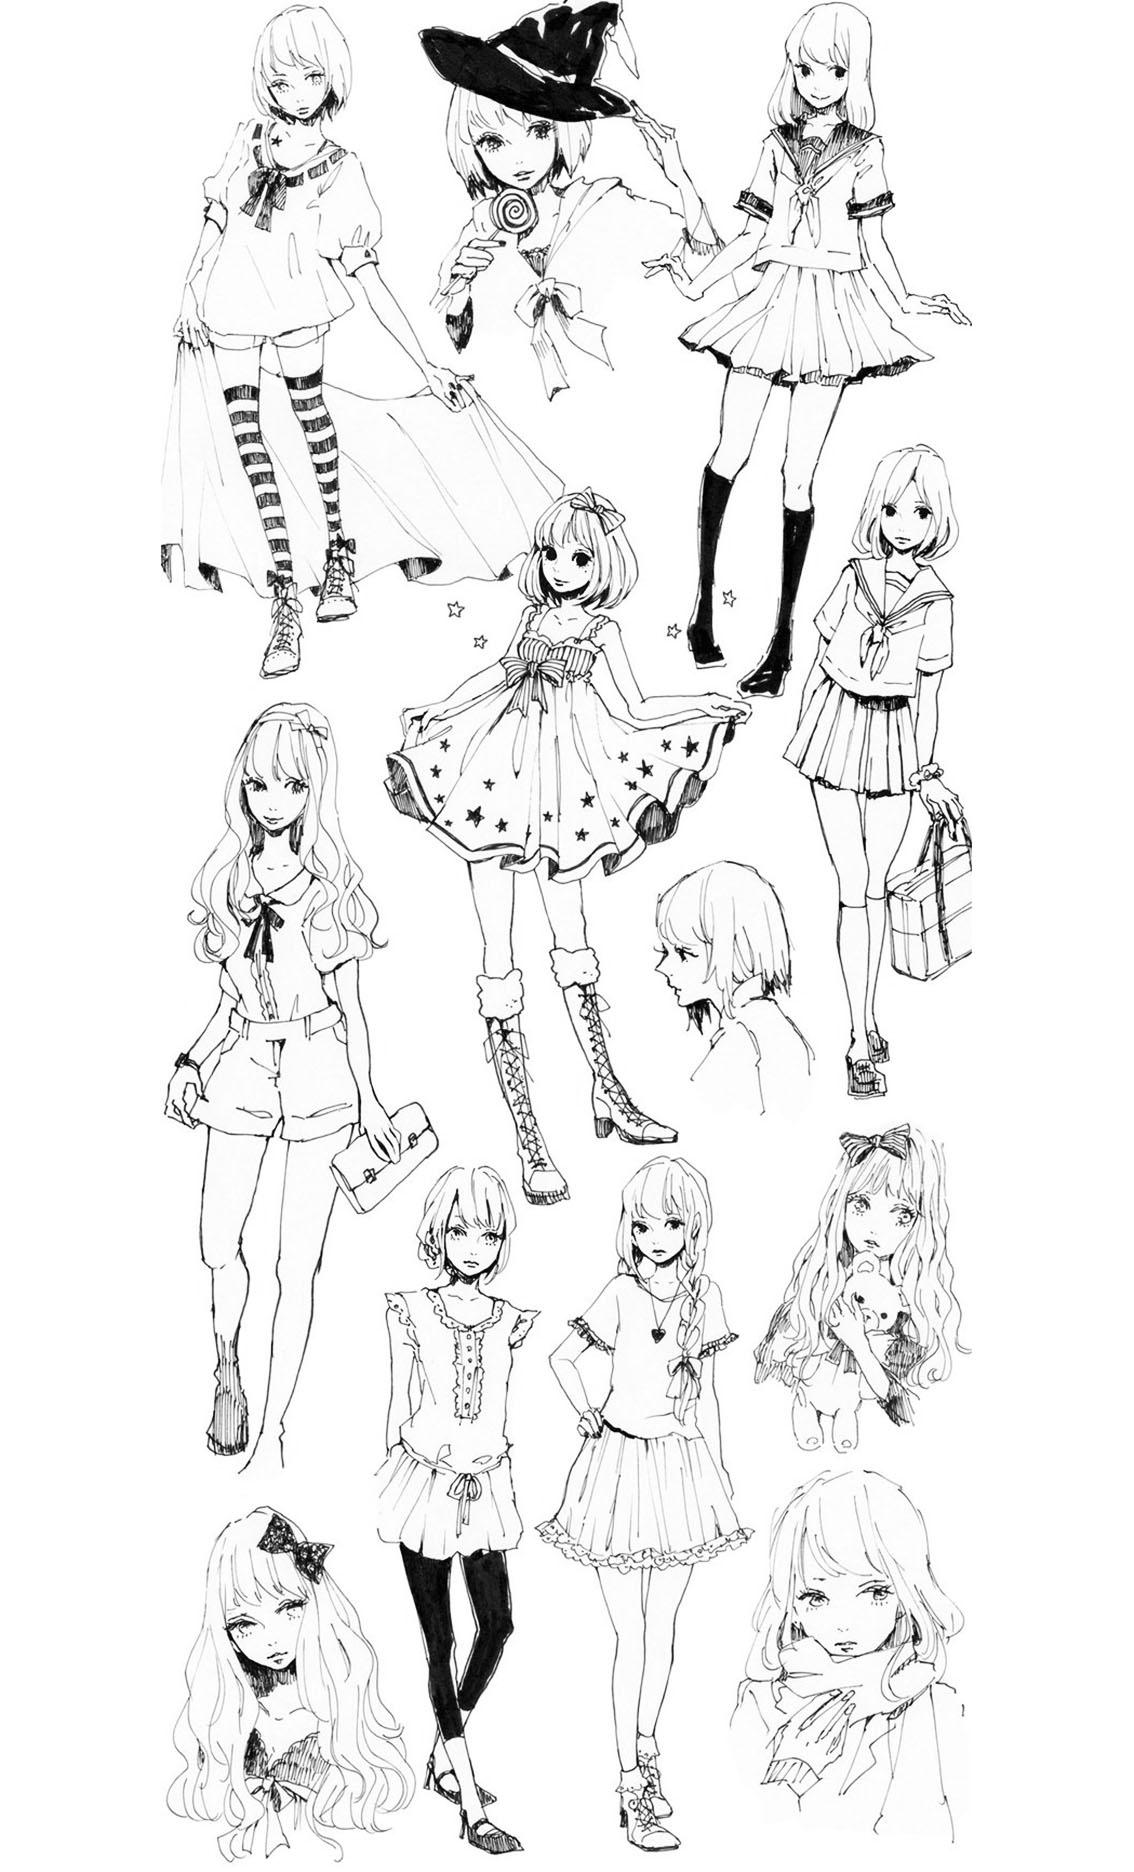 Mode vetements style mangas , Mode, vêtements et bijoux